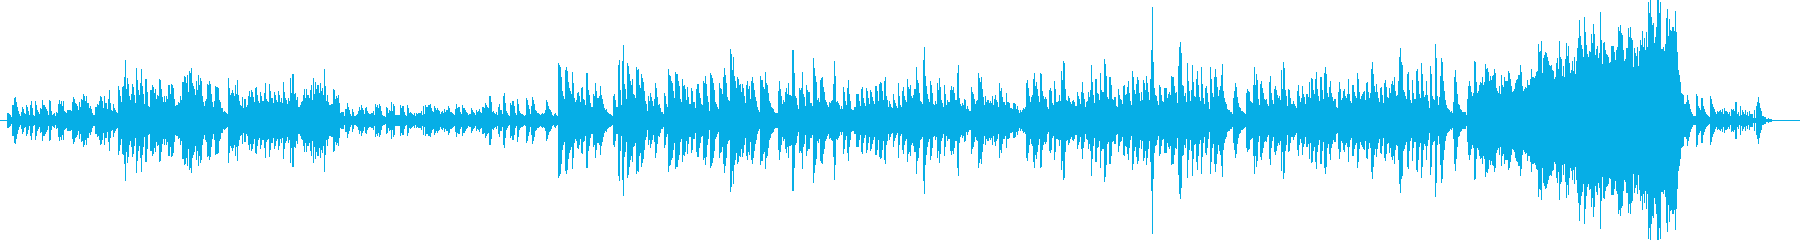 寂しげなピアノ曲の再生済みの波形